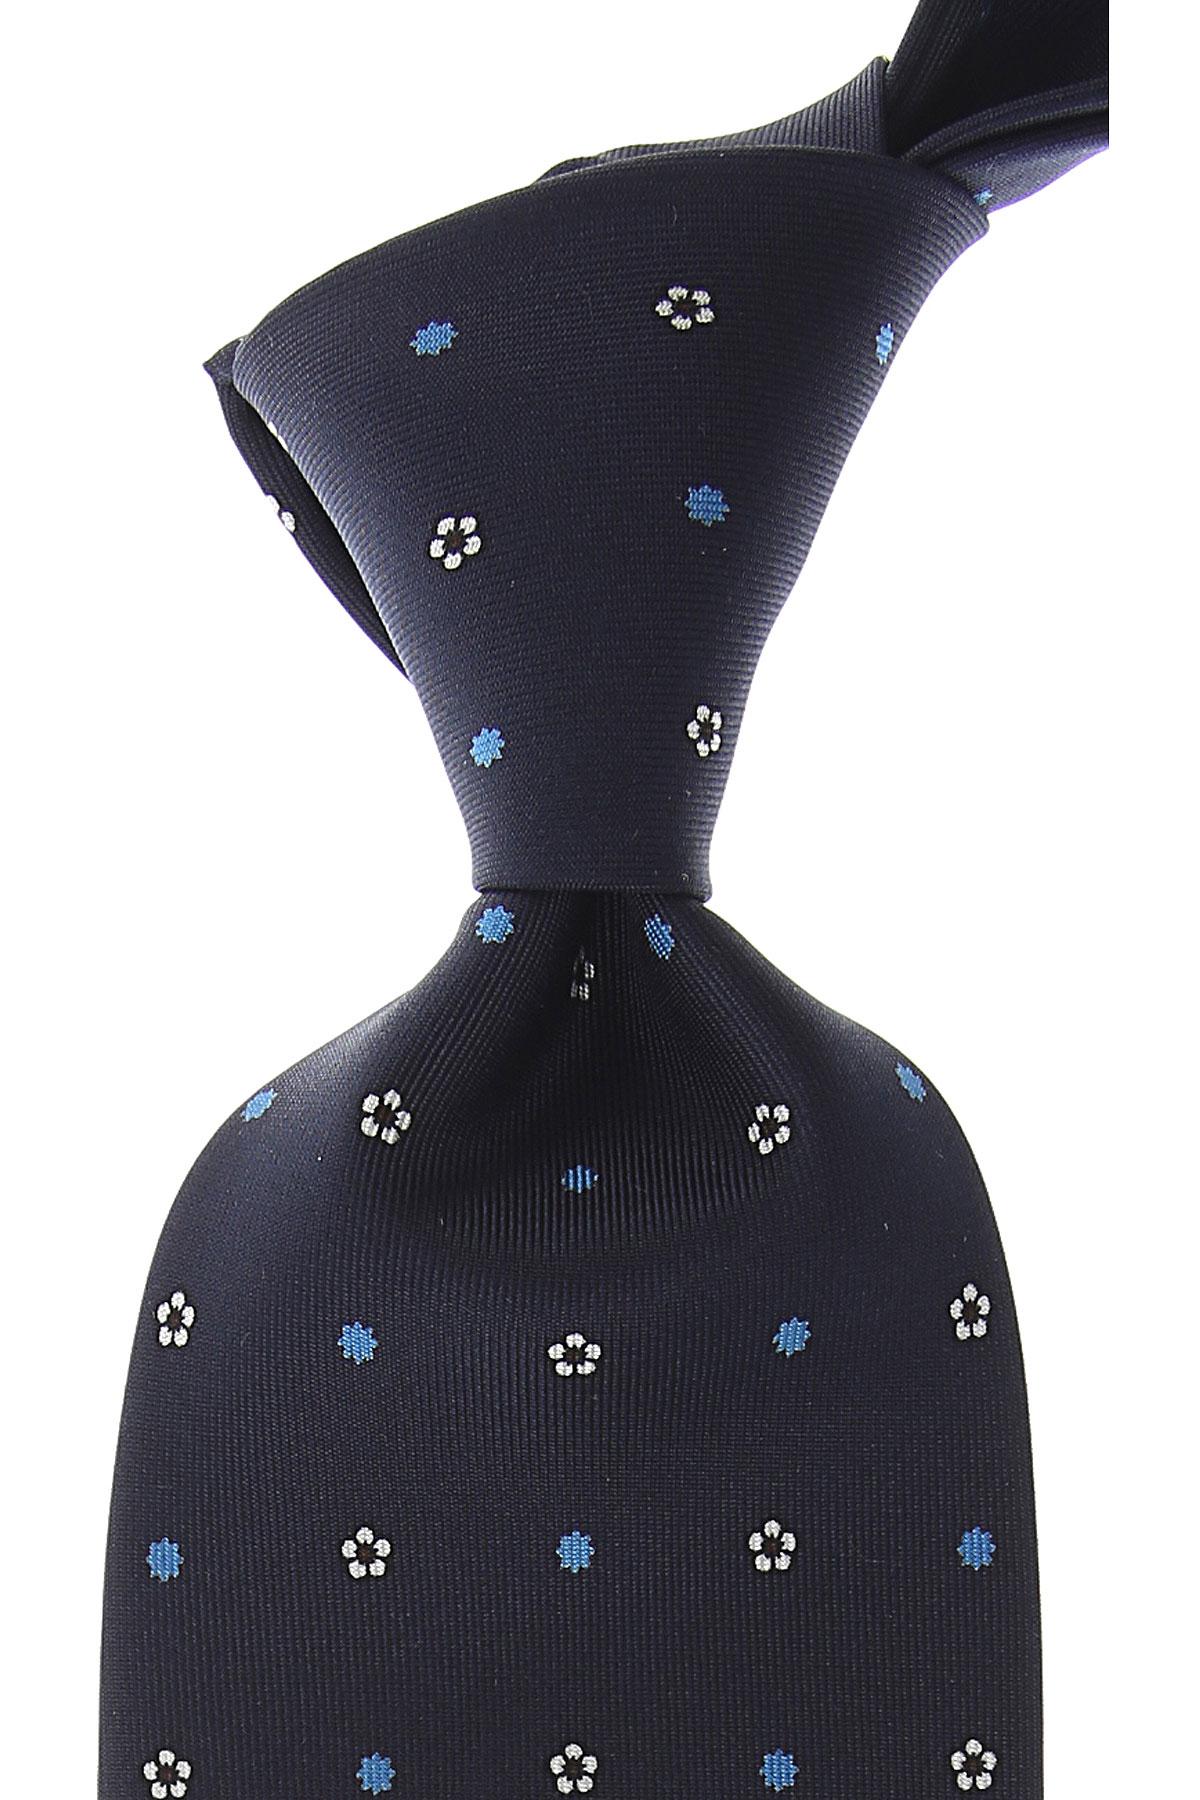 Marinella Cravates Pas cher en Soldes, Bleu nuit foncé, Soie, 2017